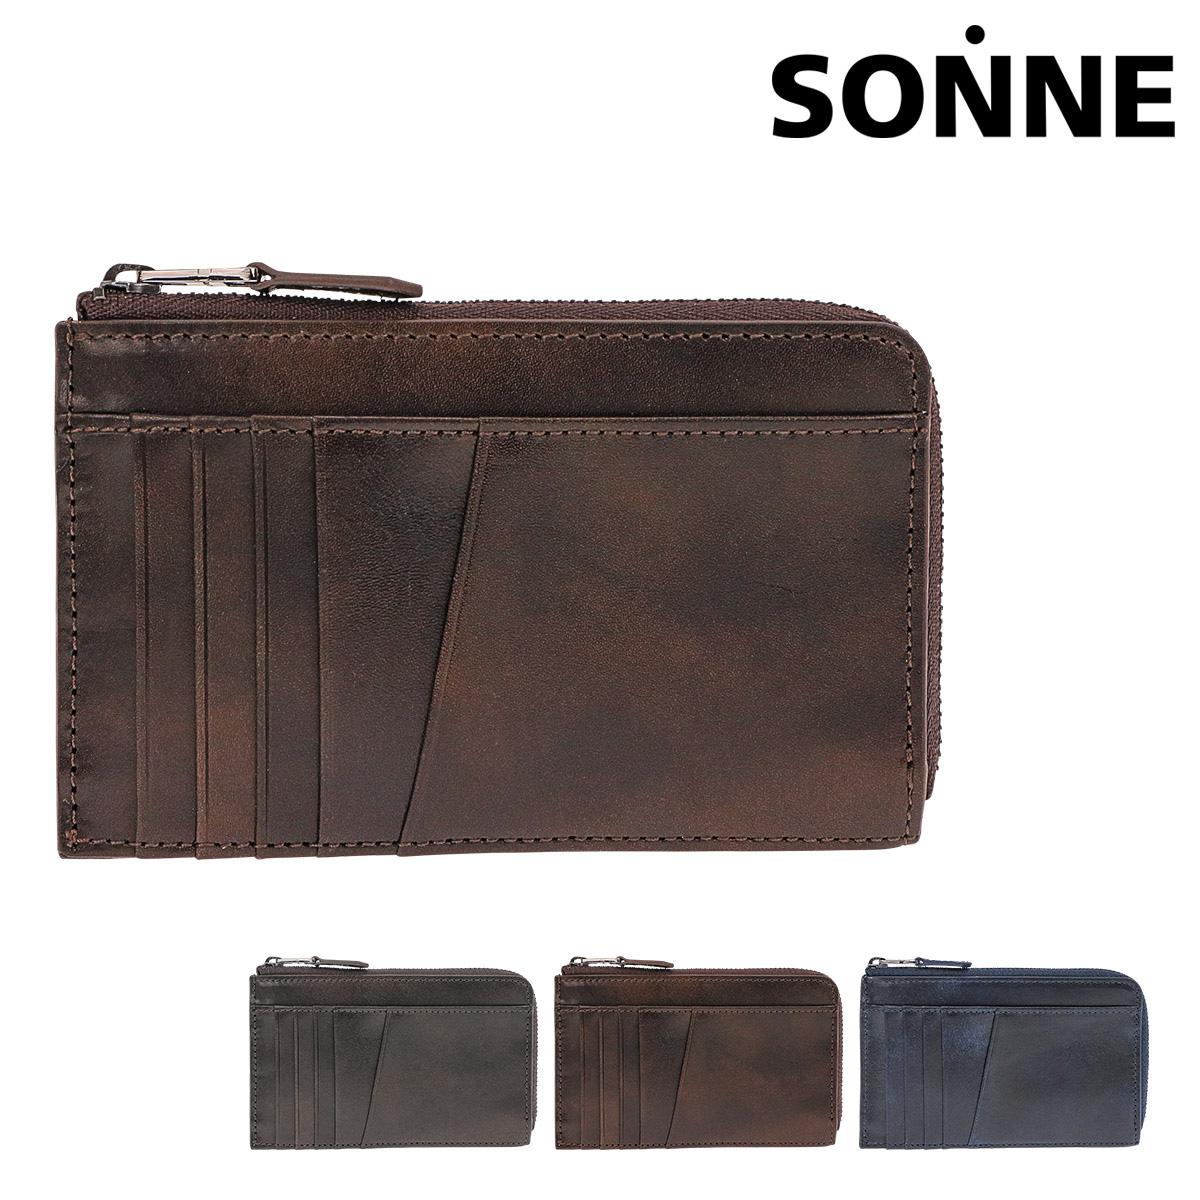 ゾンネ 二つ折り財布 クンスト メンズ SMC002 SONNE コンパクト 本革 レザー ブランド専用BOX付き